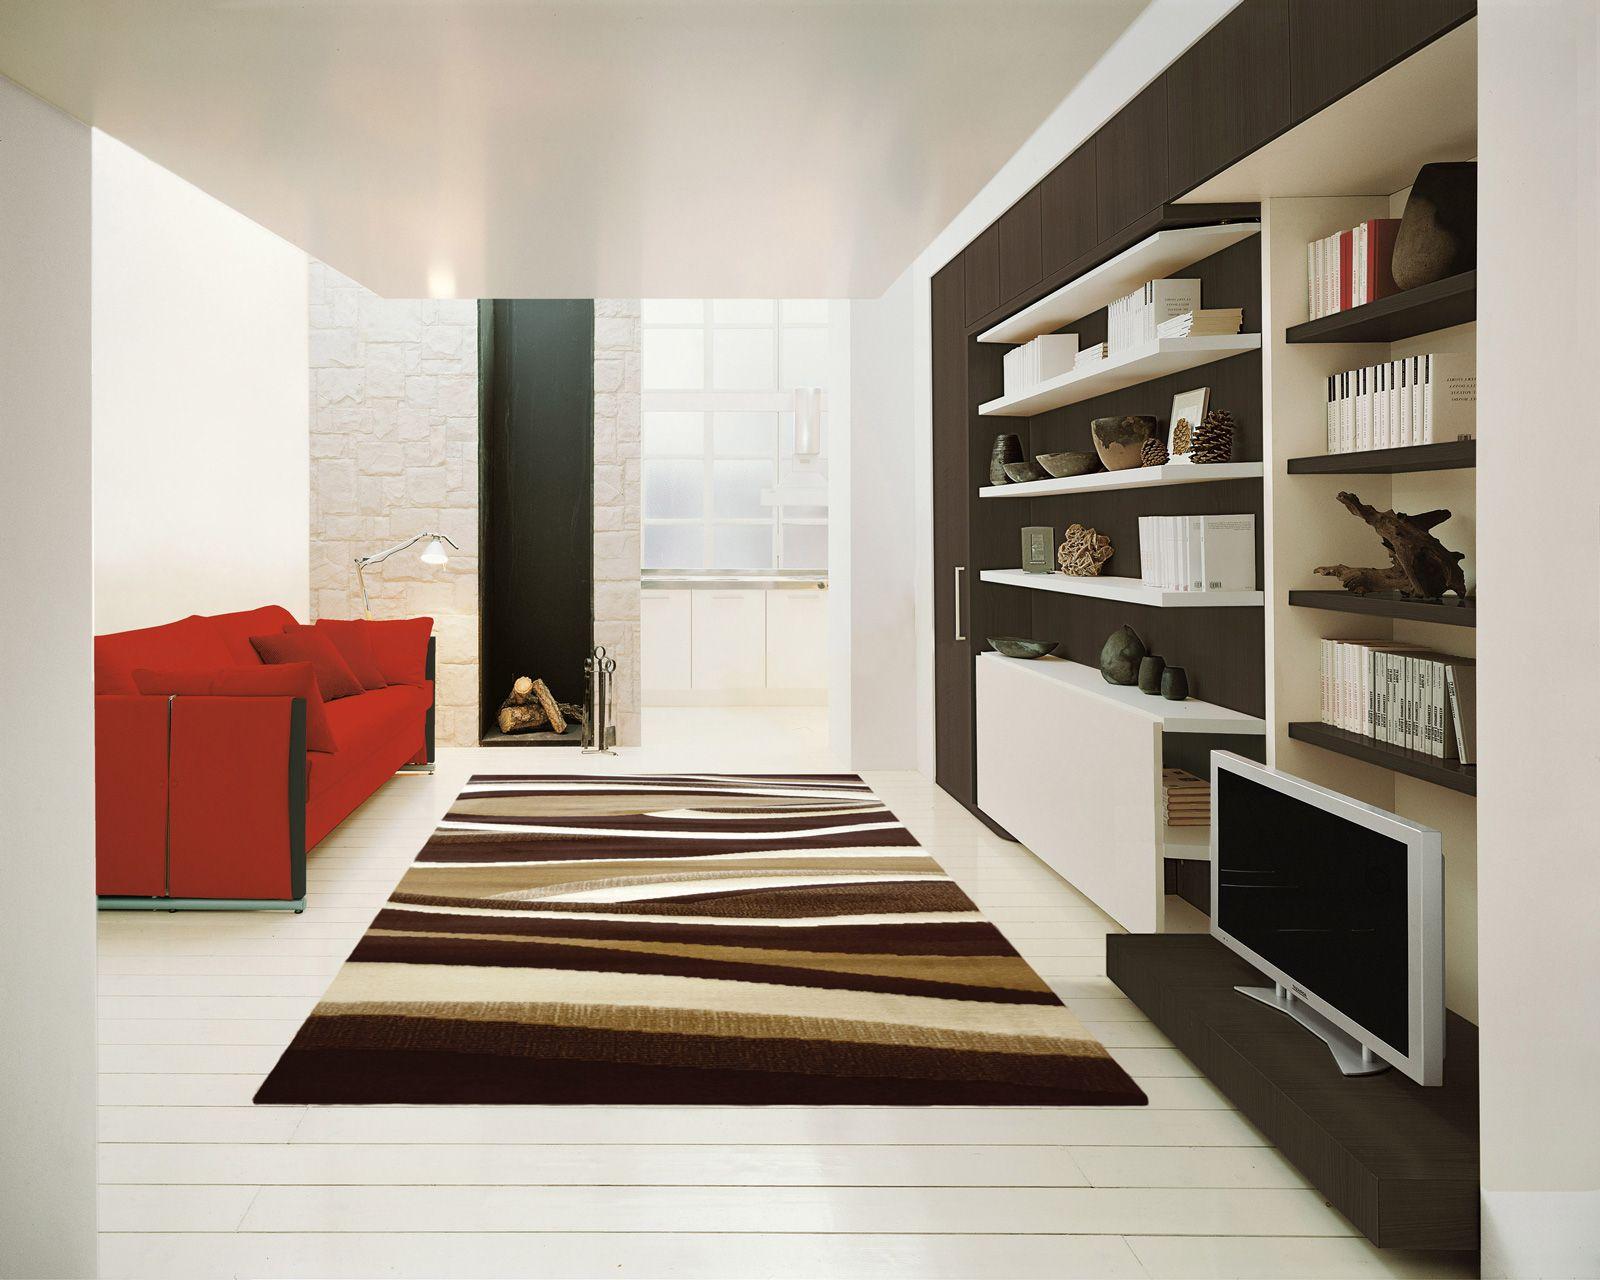 pareti attrezzate in legno moderne, dal design semplice o ricercato, realizzate. Librerie Pareti Attrezzate Multifunzione Arredamento Salvaspazio Letti Di Design E Risparmio Di Spazio